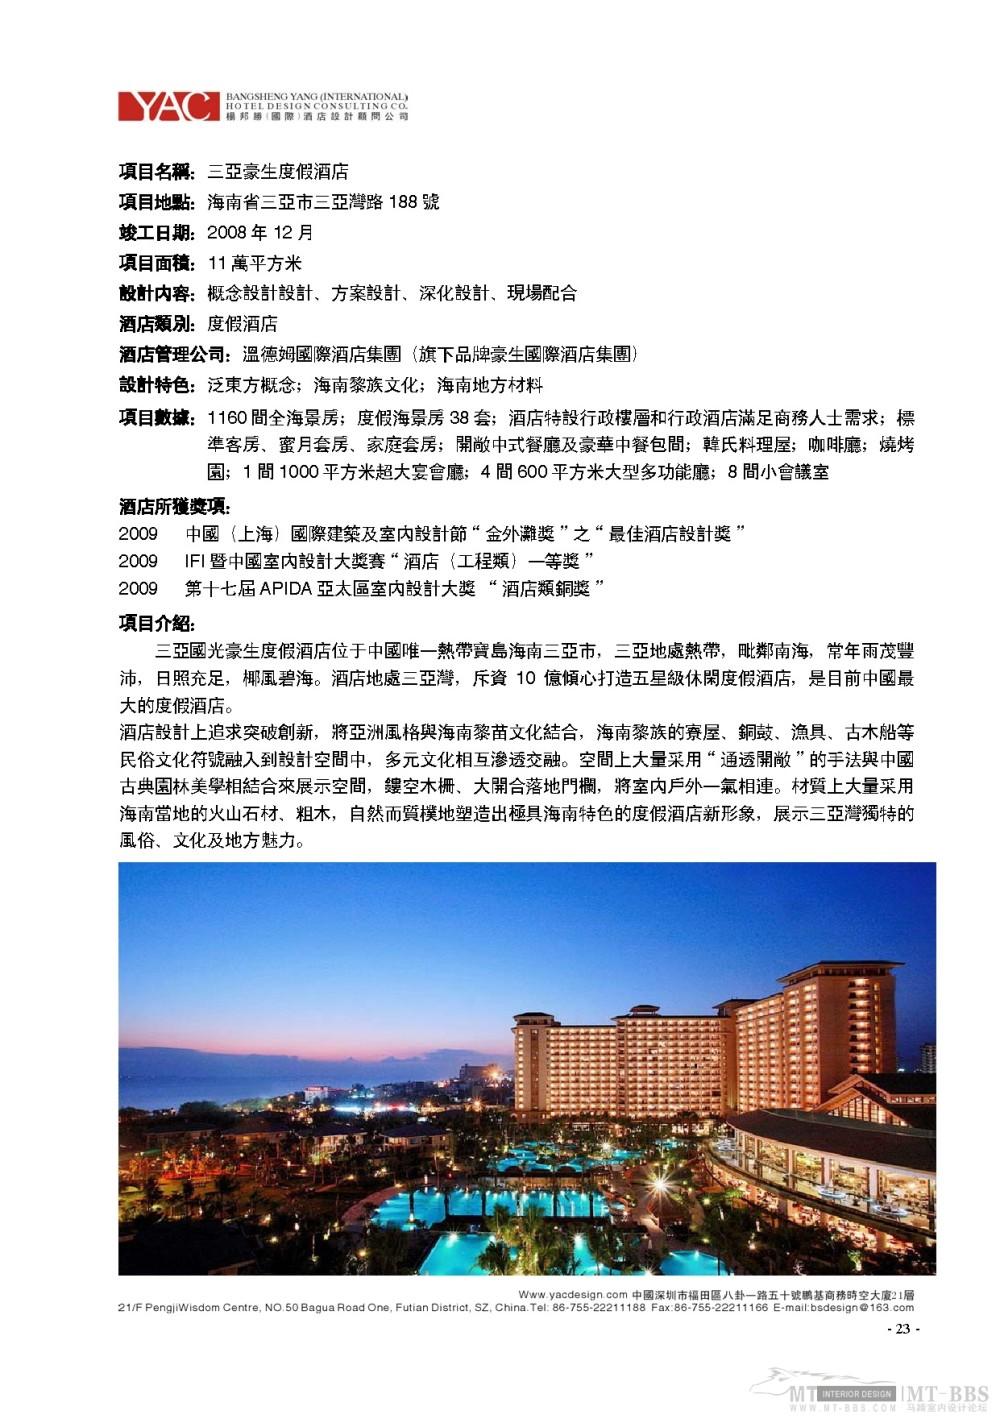 杨邦胜_2011.03.30YAC(国际)杨邦胜酒店设计顾问公司简介_页面_23.jpg